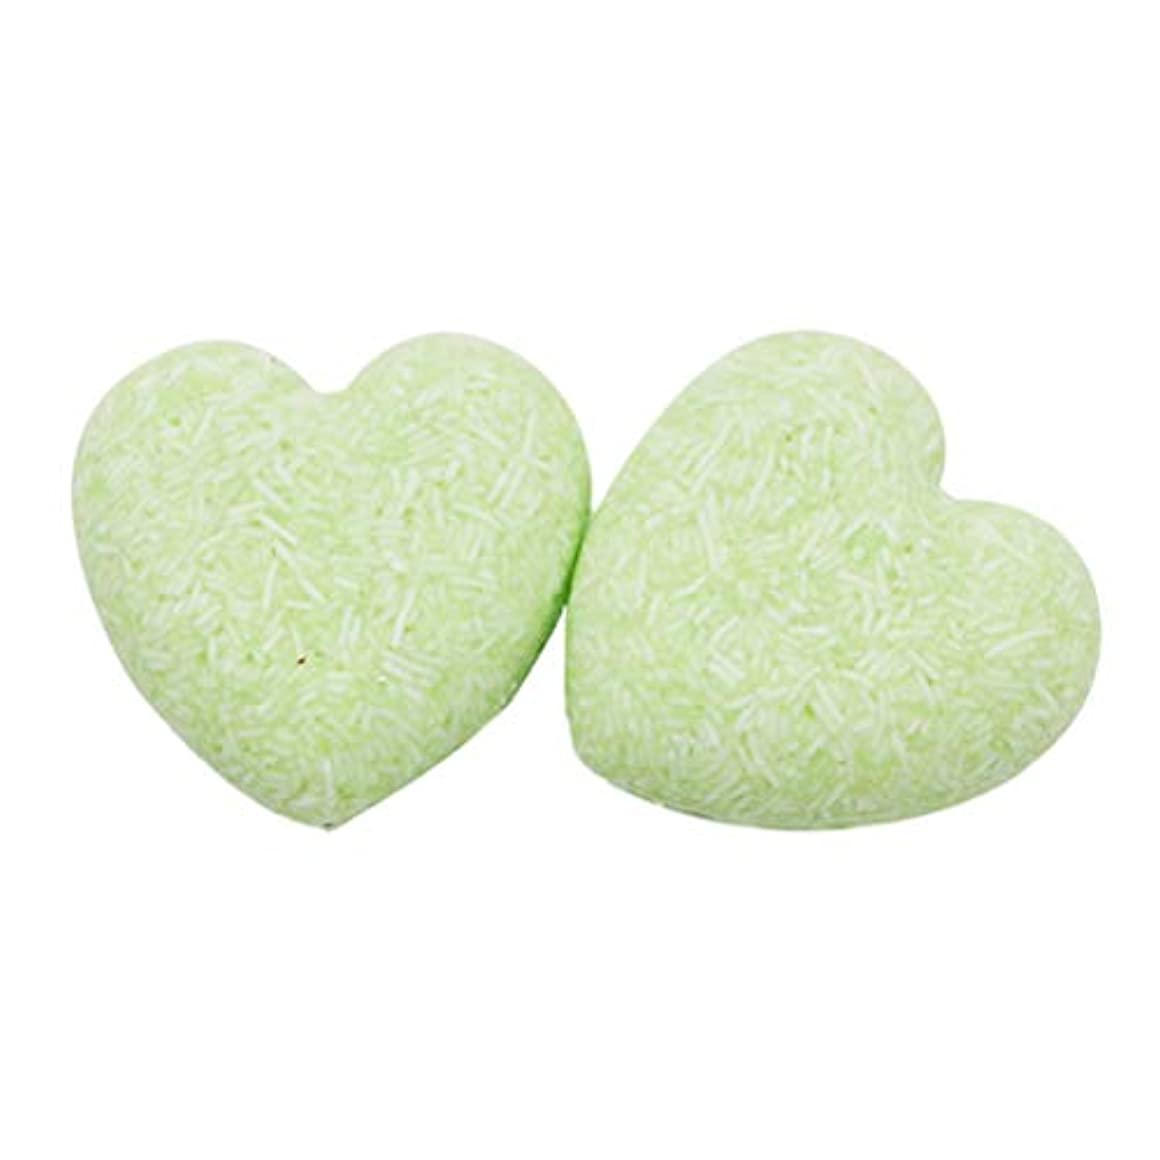 シリンダー大工革新Lurrose 2ピースヘアシャンプーバー石鹸栄養オイルコントロール育毛石鹸